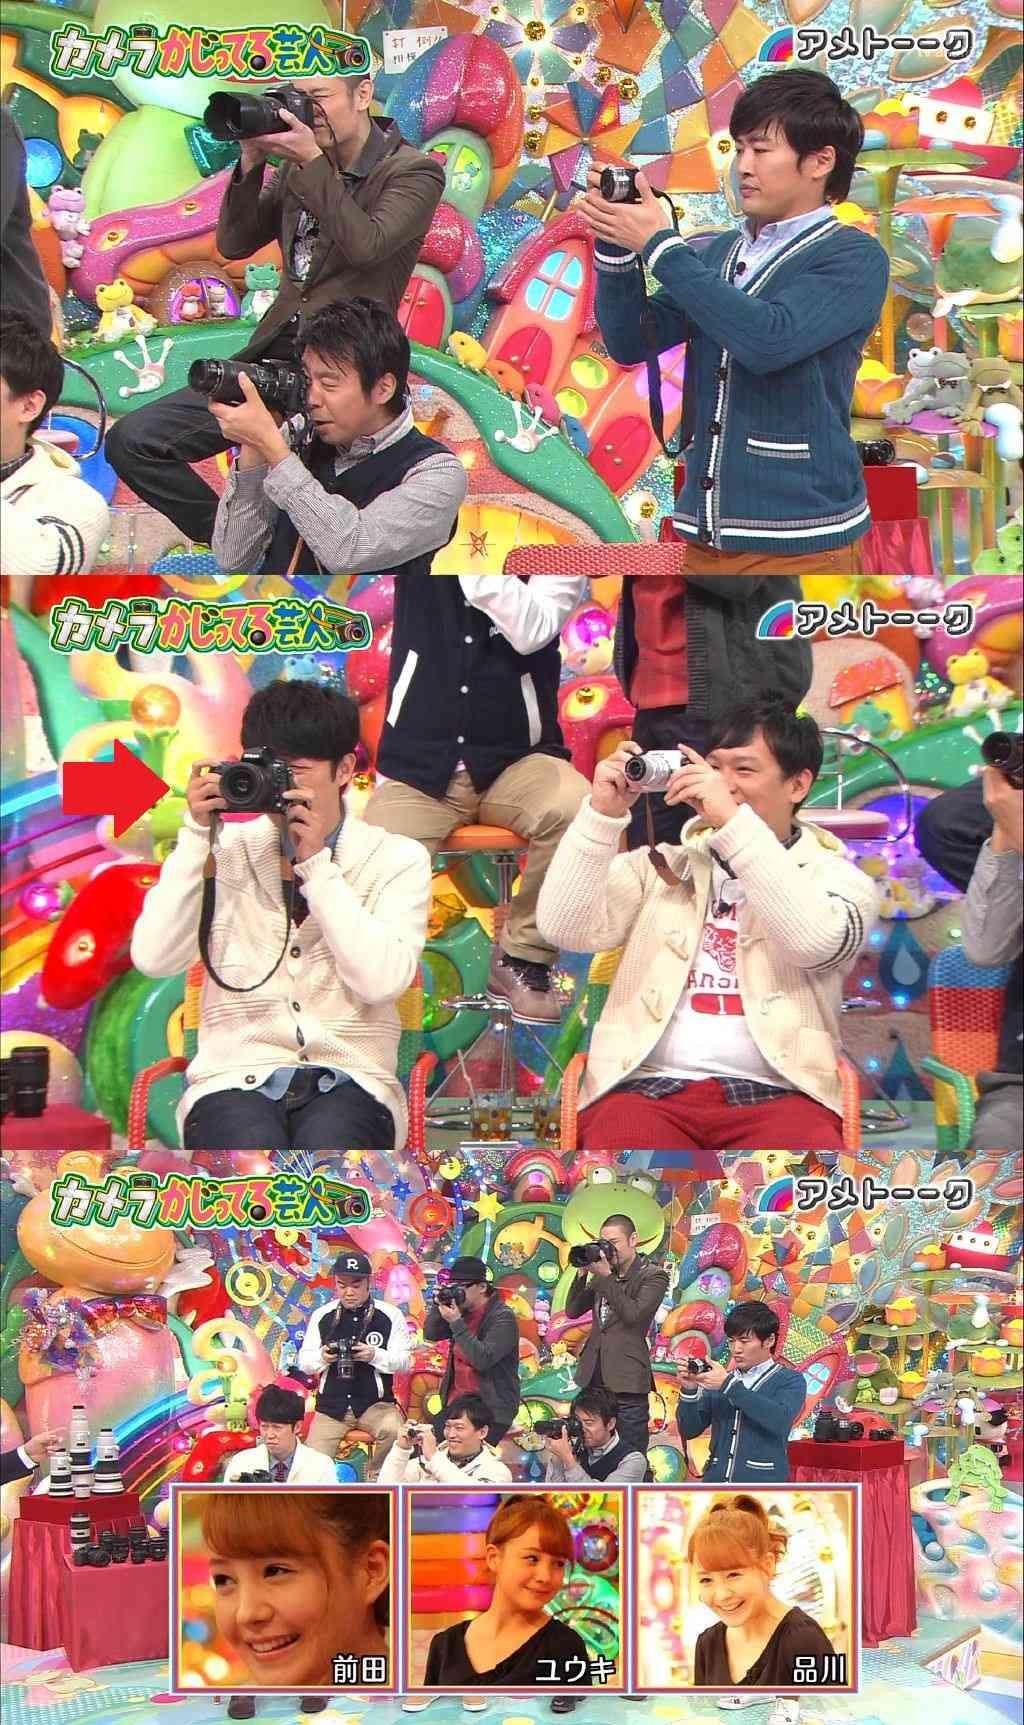 アメトーク「カメラかじってる芸人」で小藪千豊にボコボコにされたユウキロックが小藪批判!